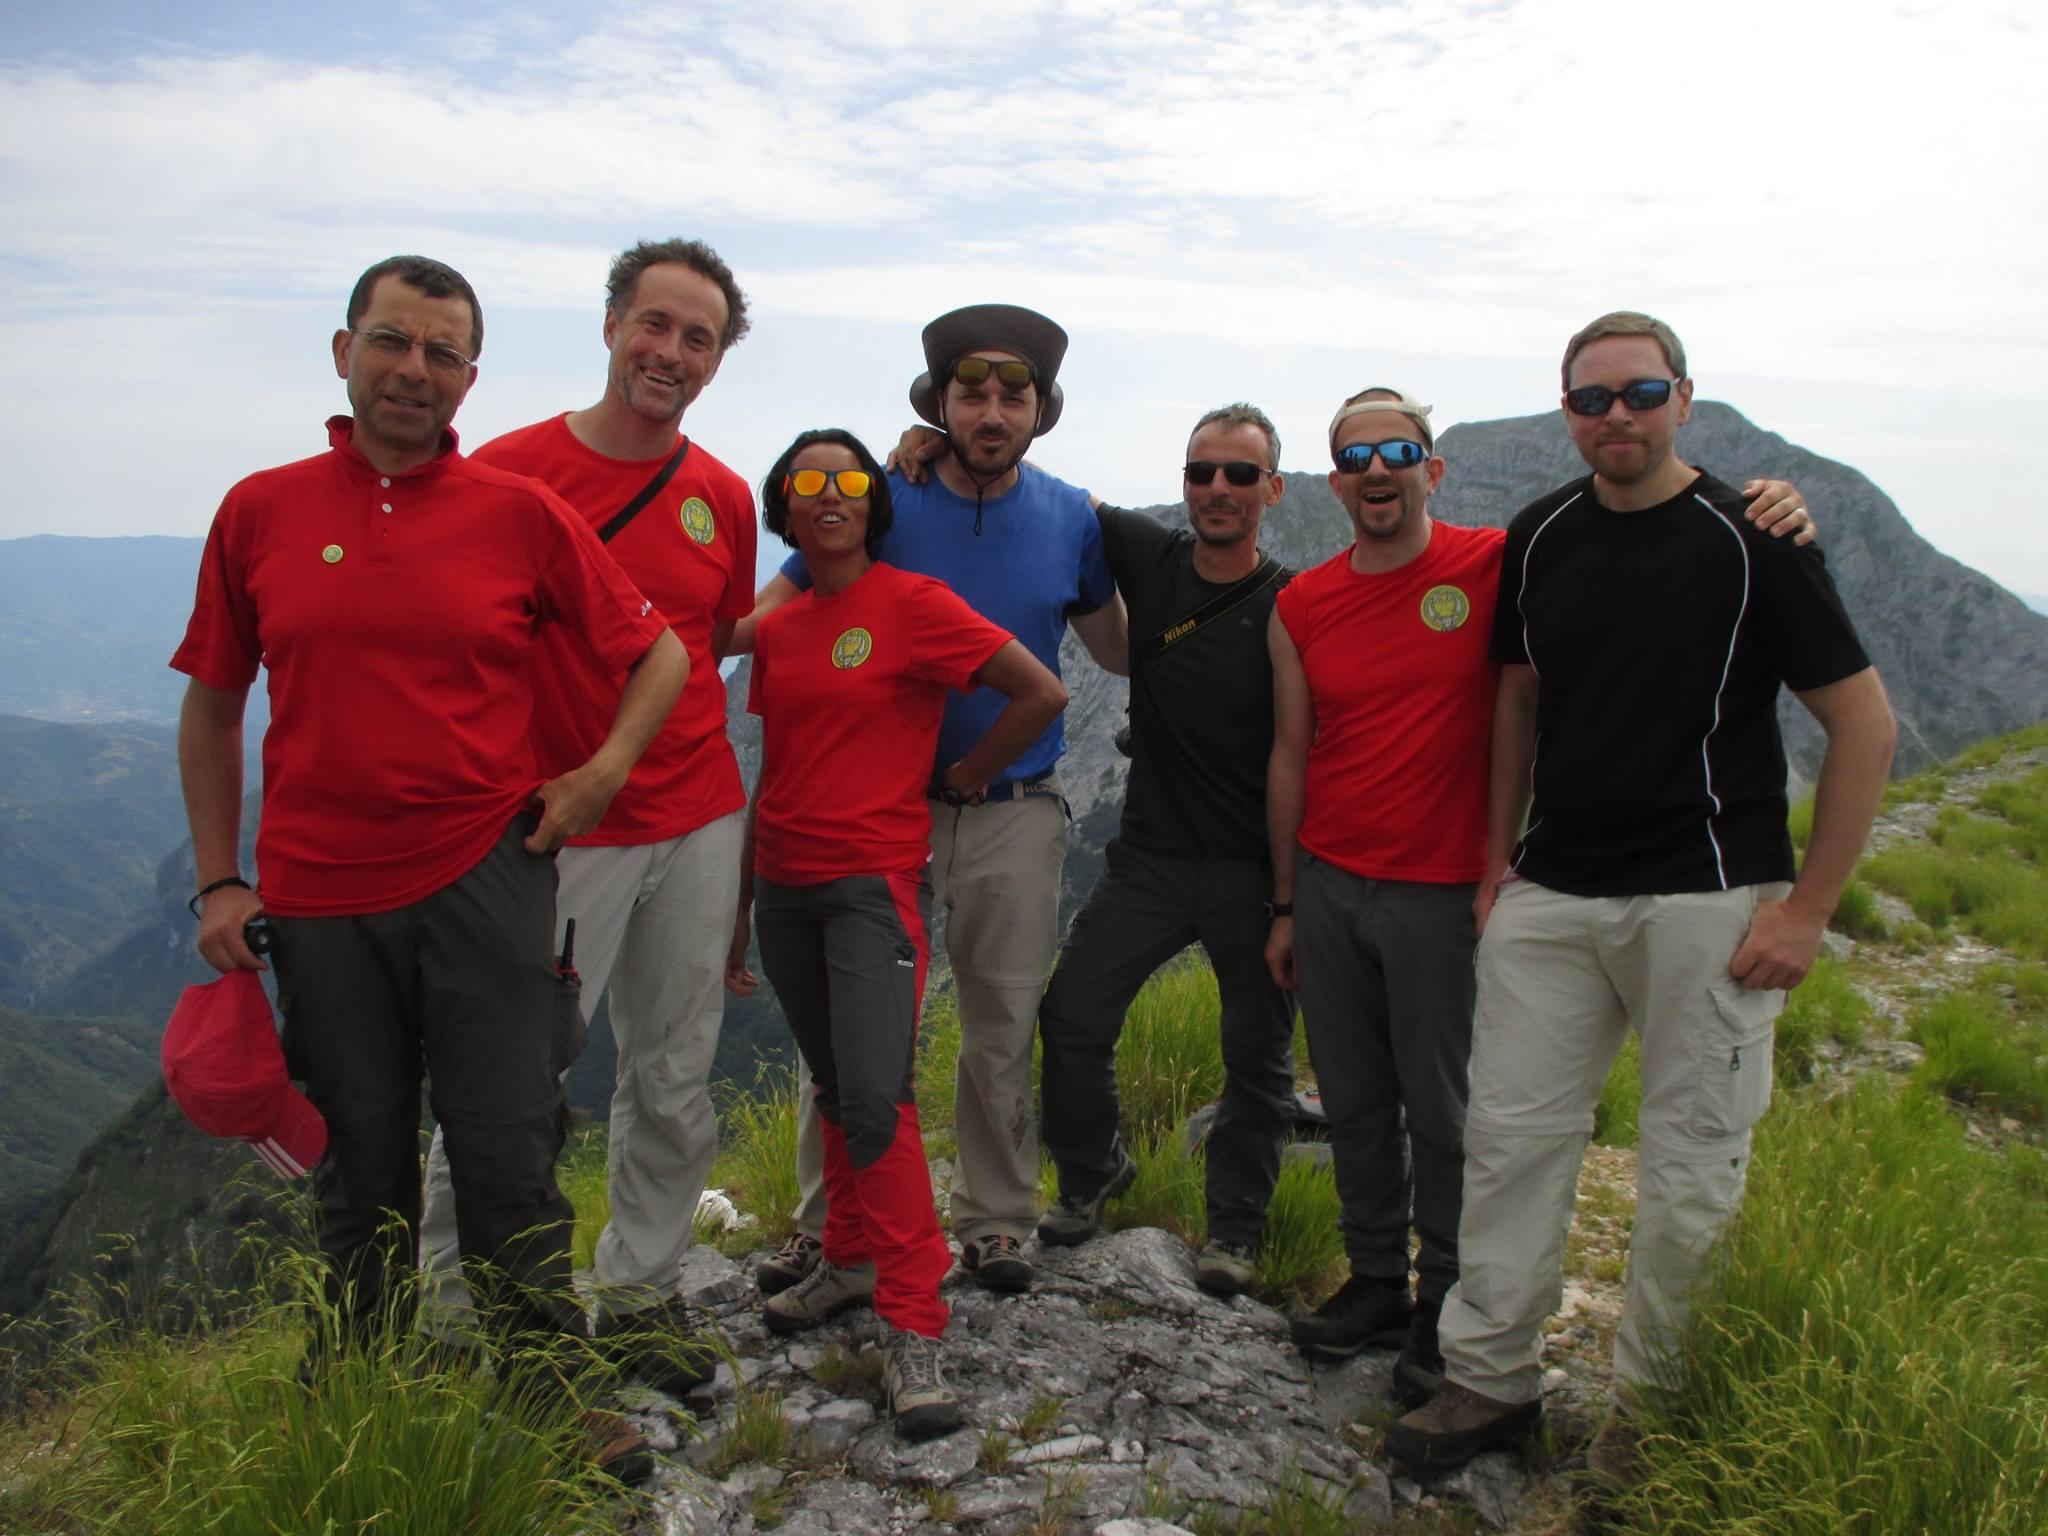 accompagnatori alpinismo giovanile perugia